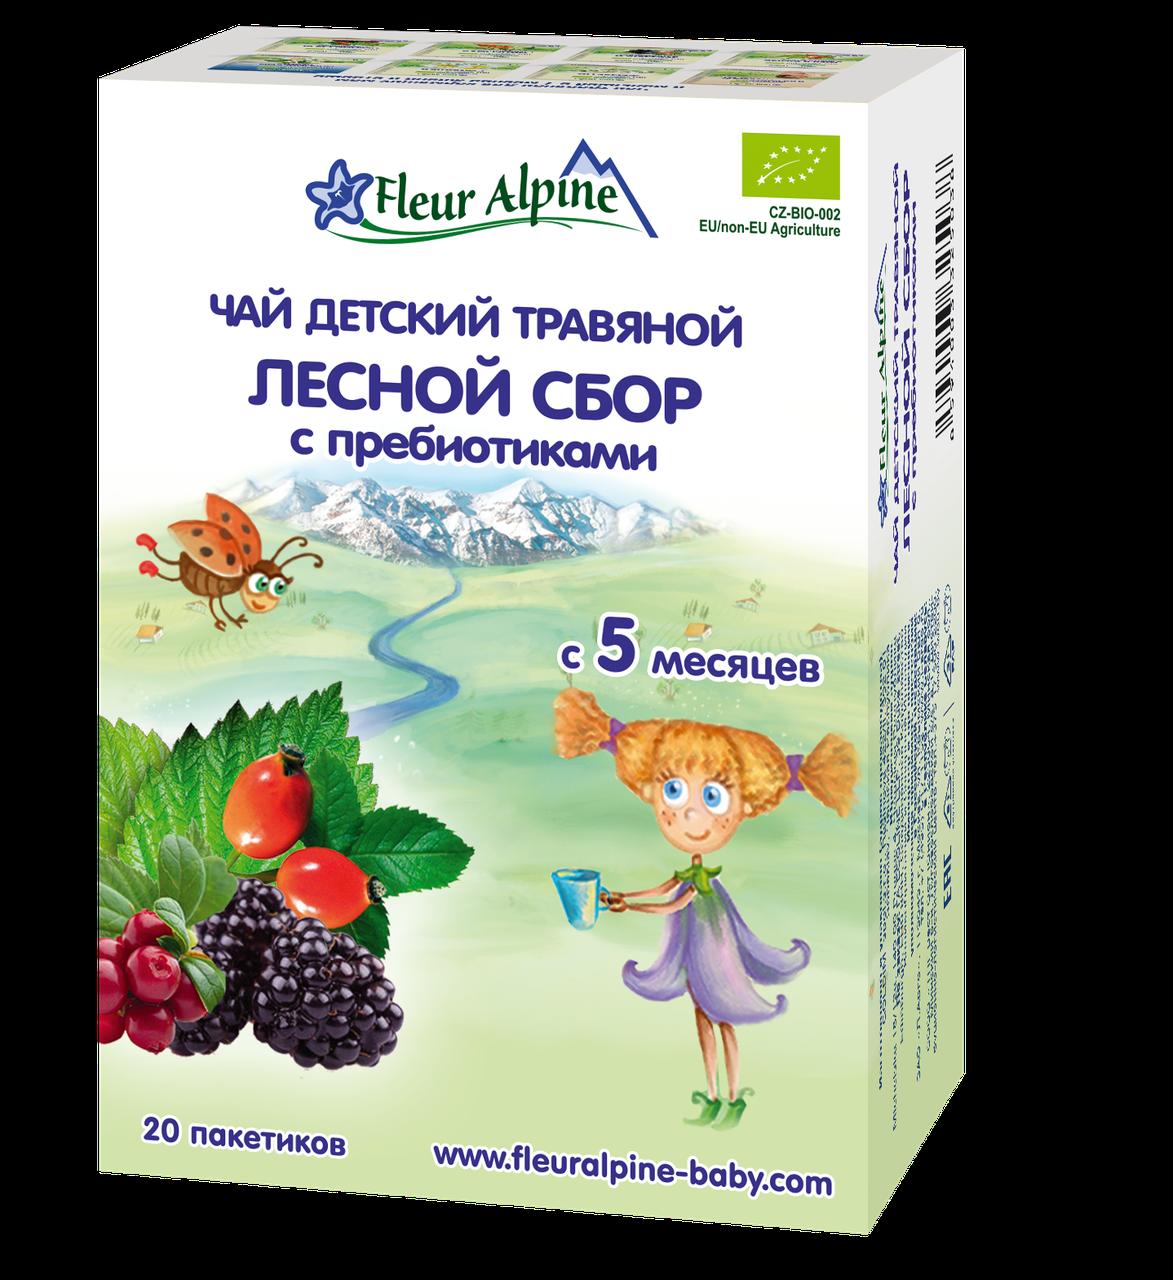 Детский травяной чай Fleur Alpine  ЛЕСНОЙ СБОР С ПРЕБИОТИКАМИ